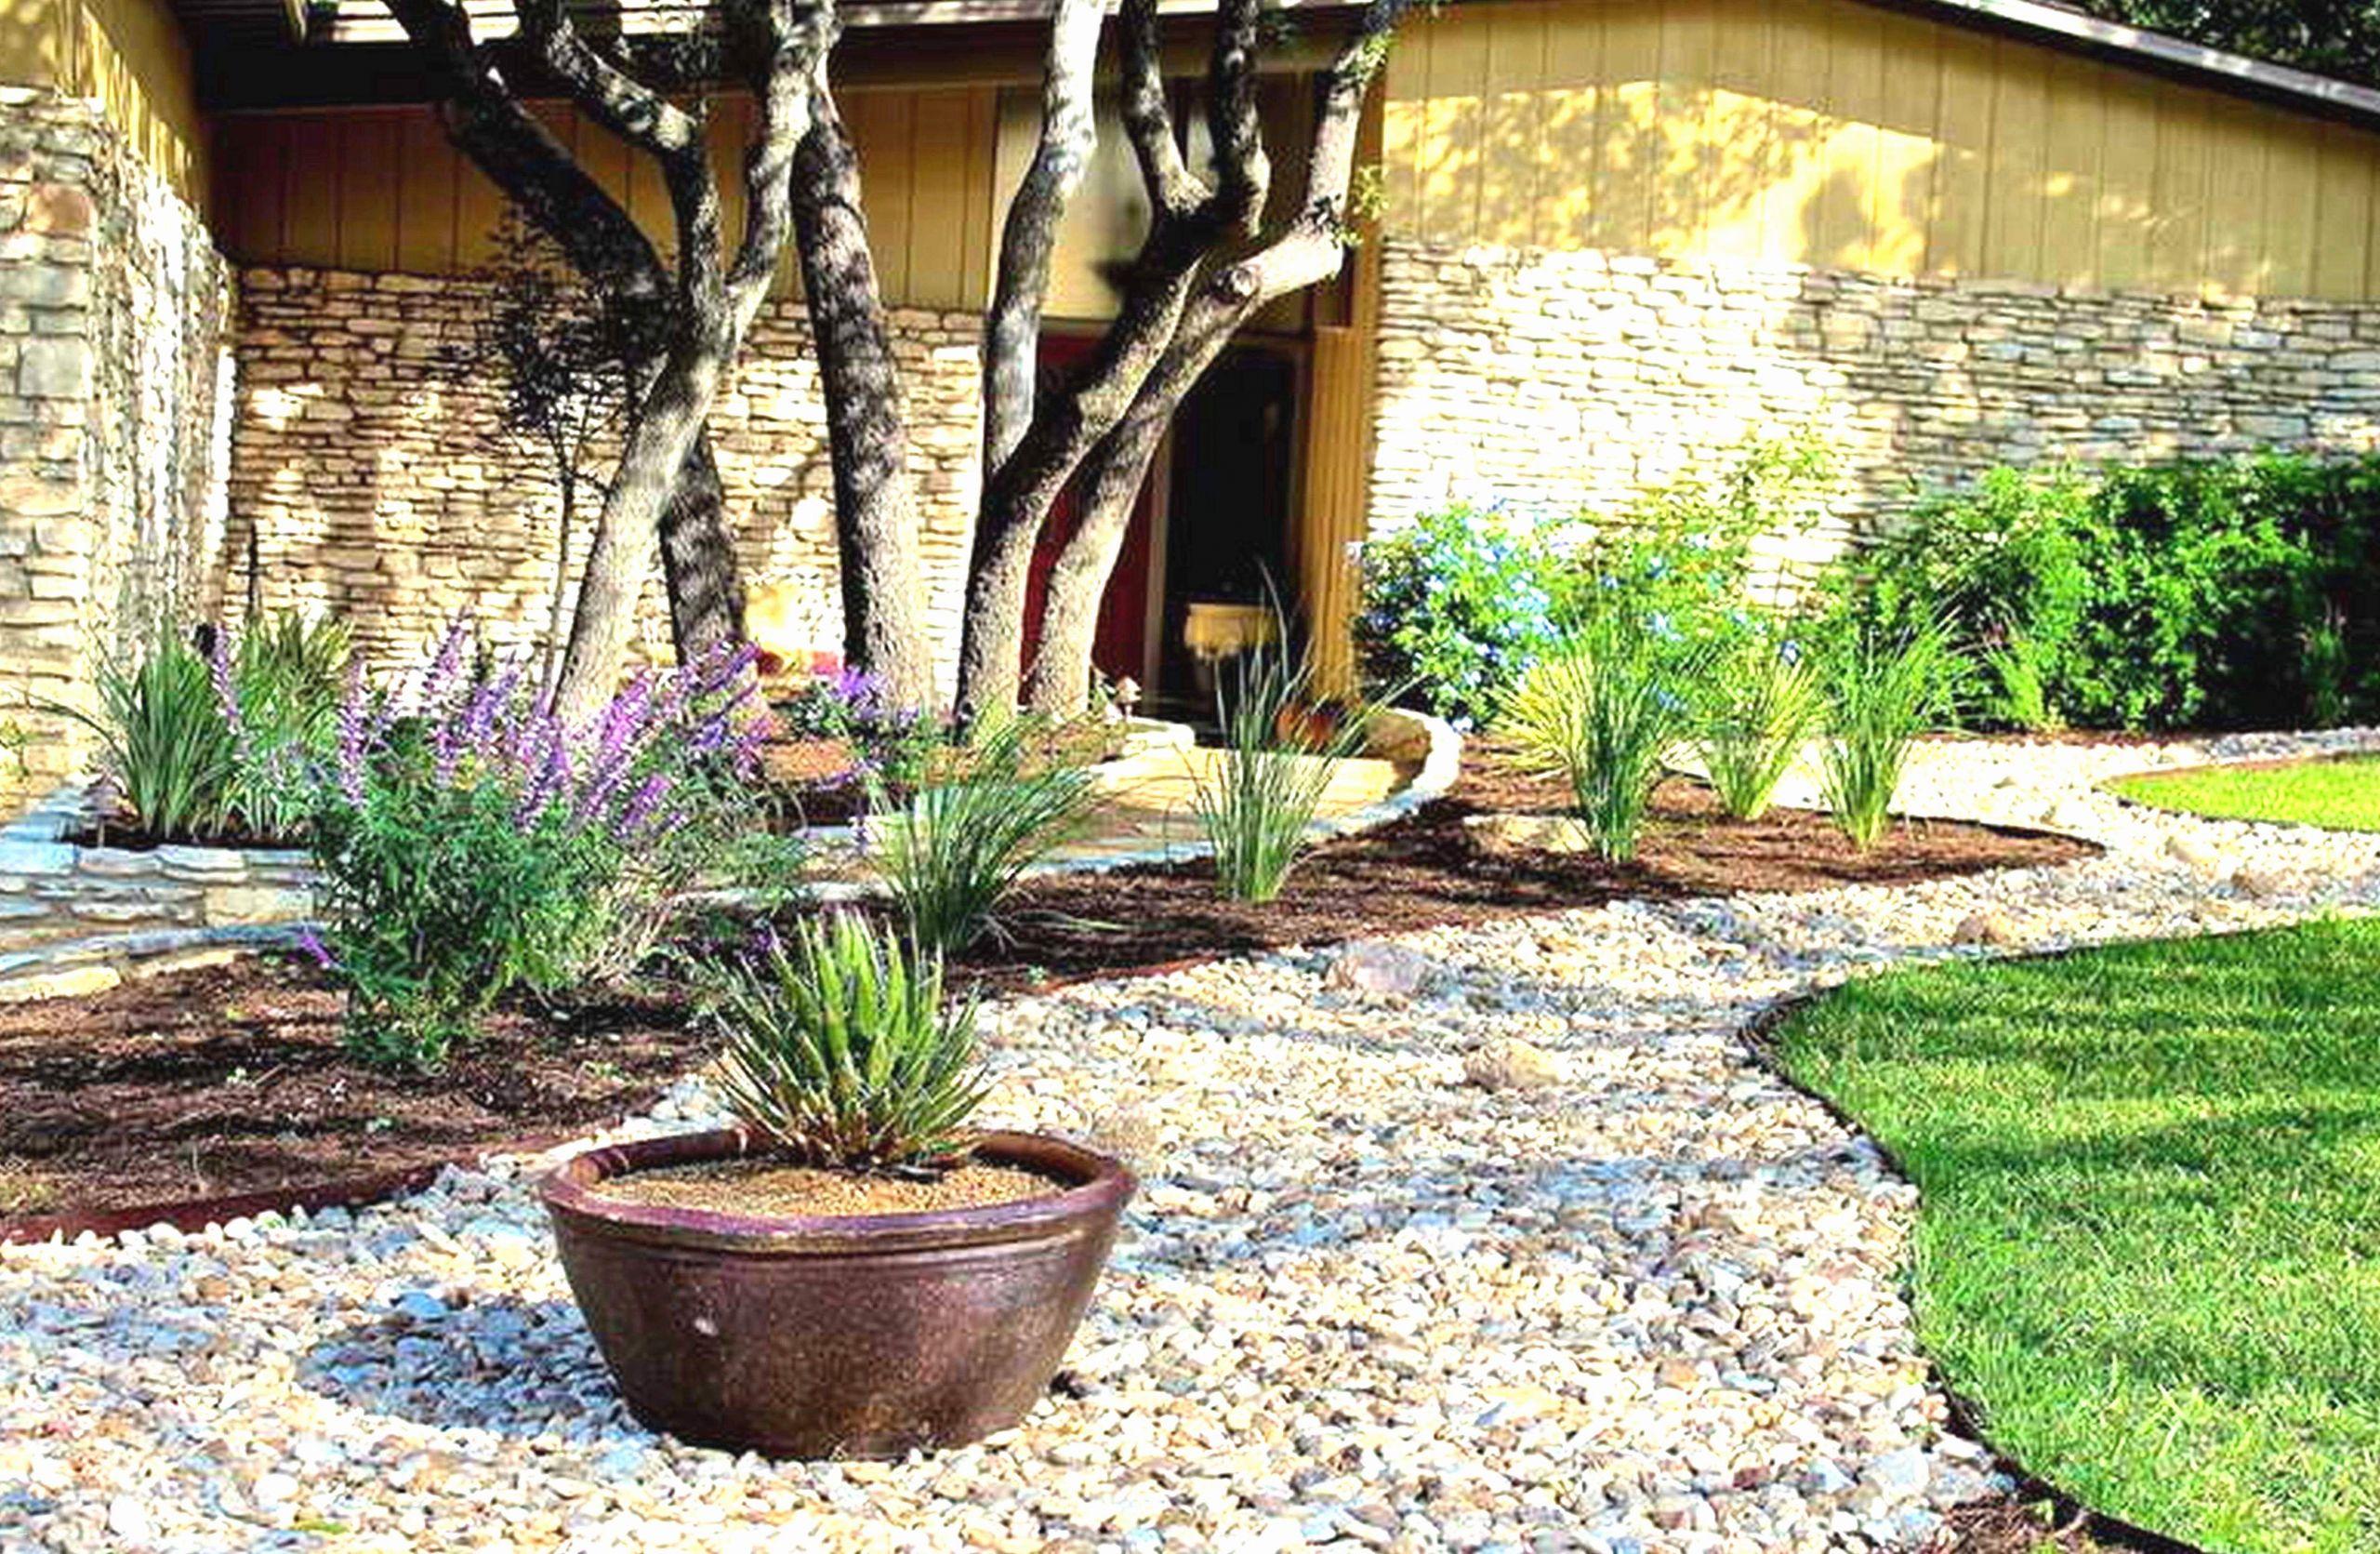 garten terrasse gestalten schon garten mit blumen gestalten garten gestalten mit wenig geld of garten terrasse gestalten 1 scaled